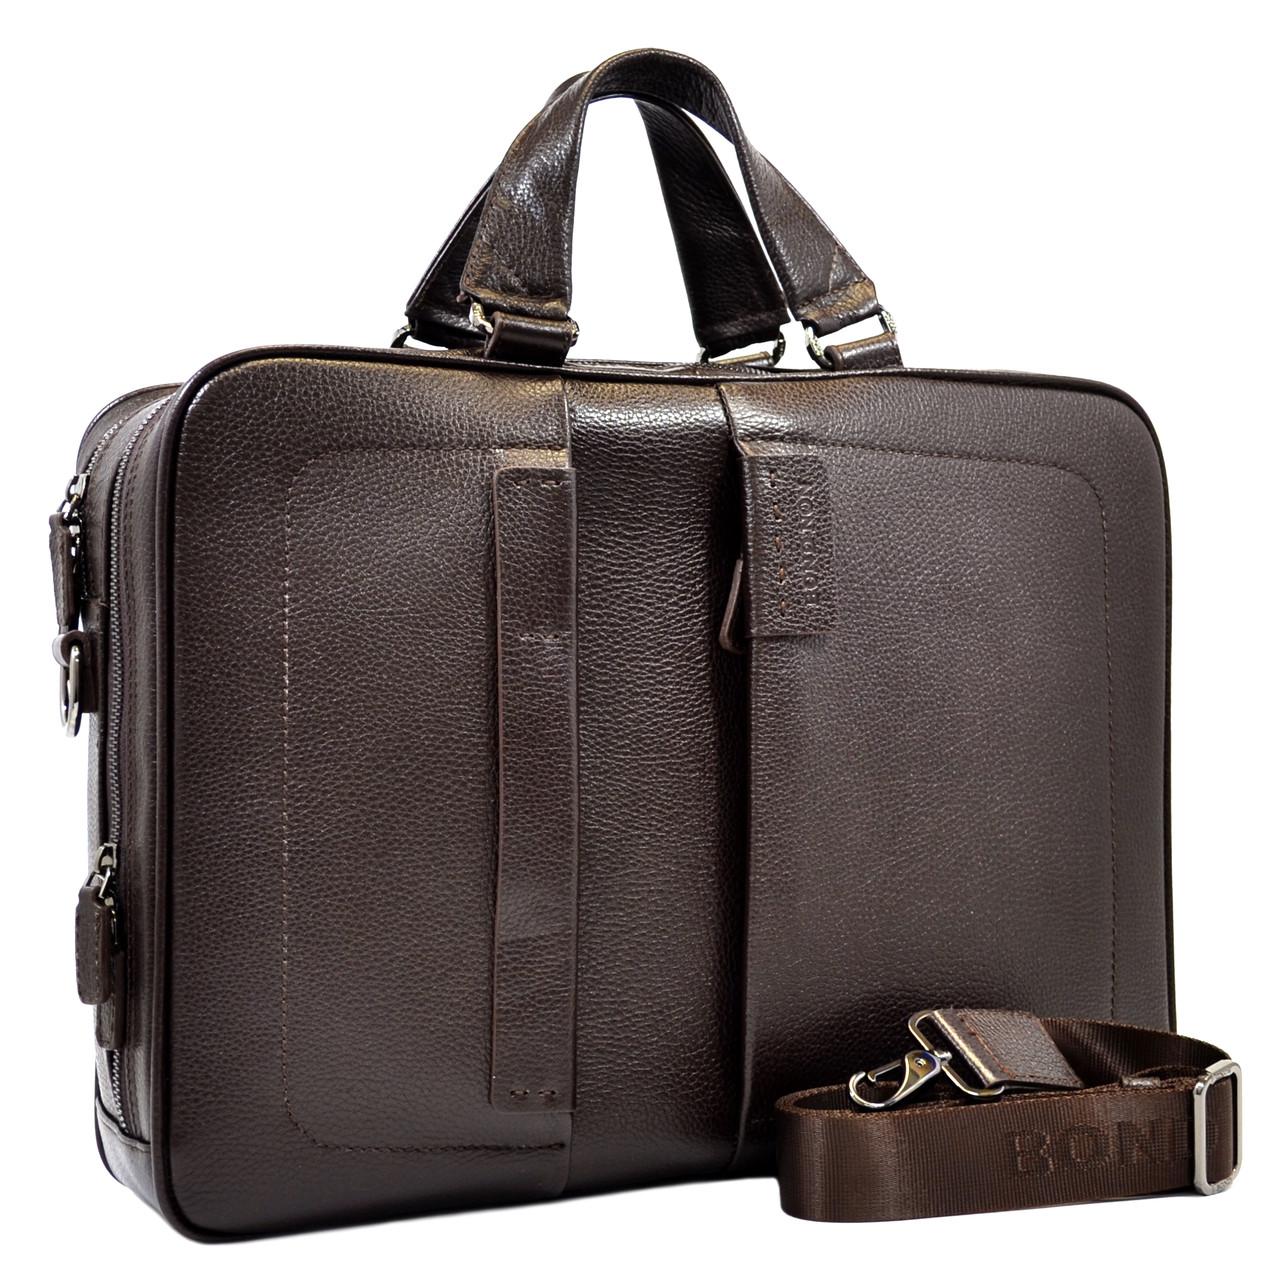 Большая деловая сумка Bond из кожи